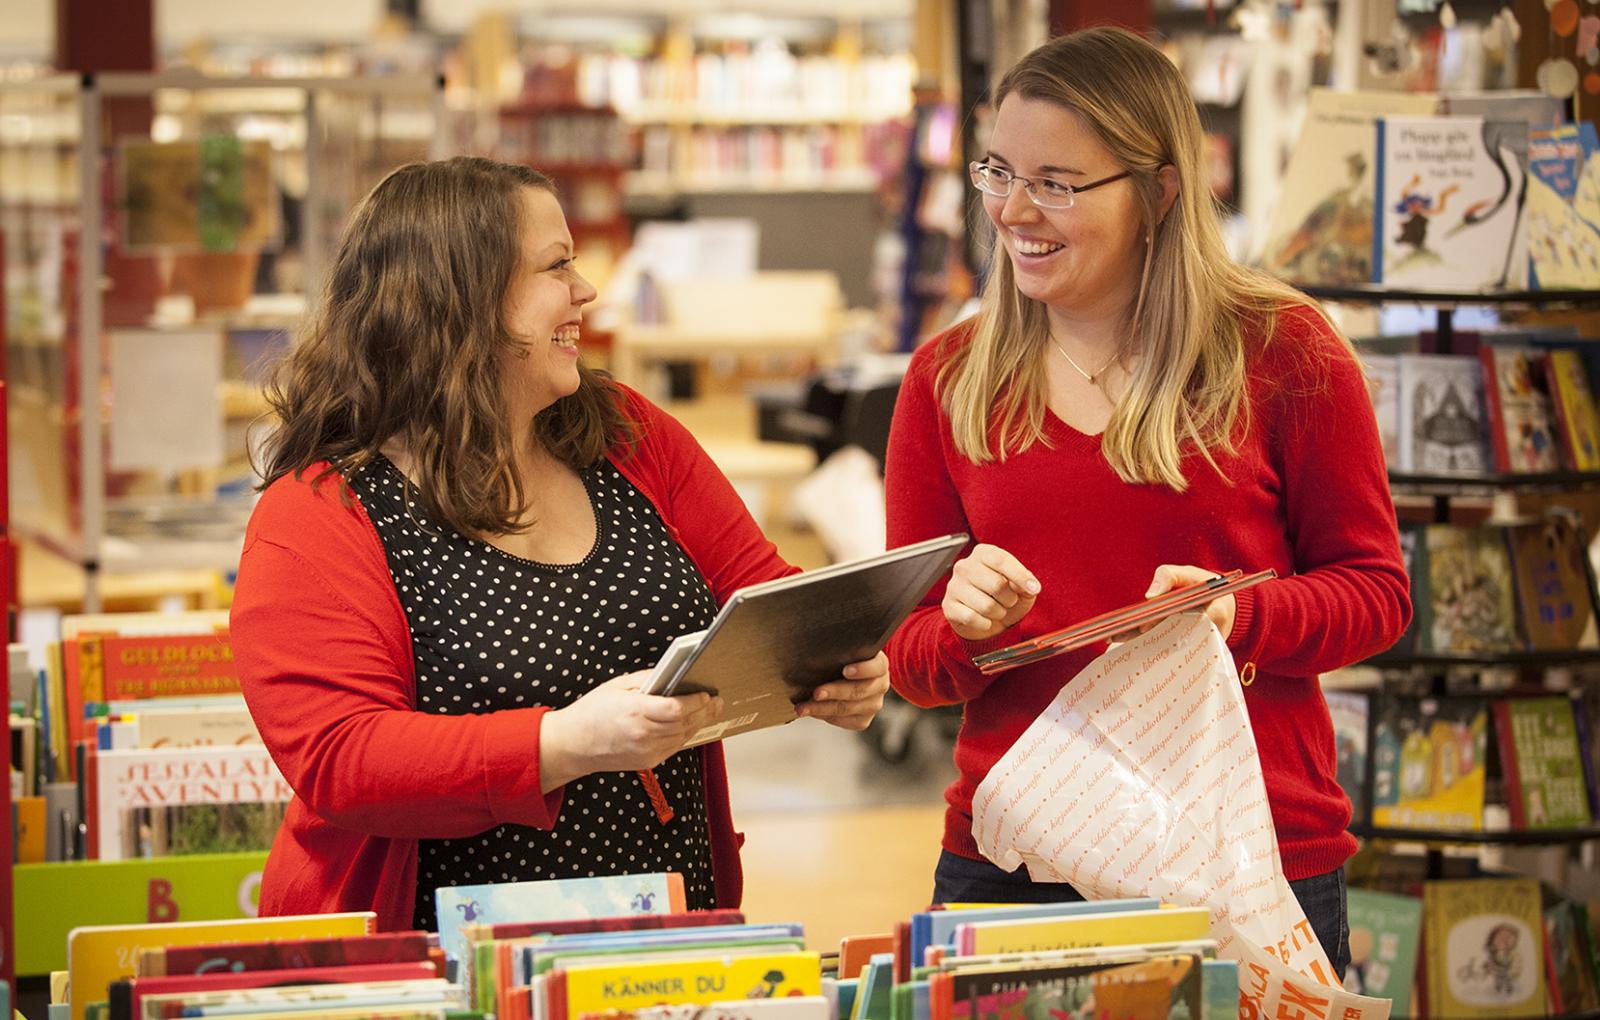 Två leende kvinnor, båda i röda tröjor, står i ett bibliotek och lägger böcker i en kasse.